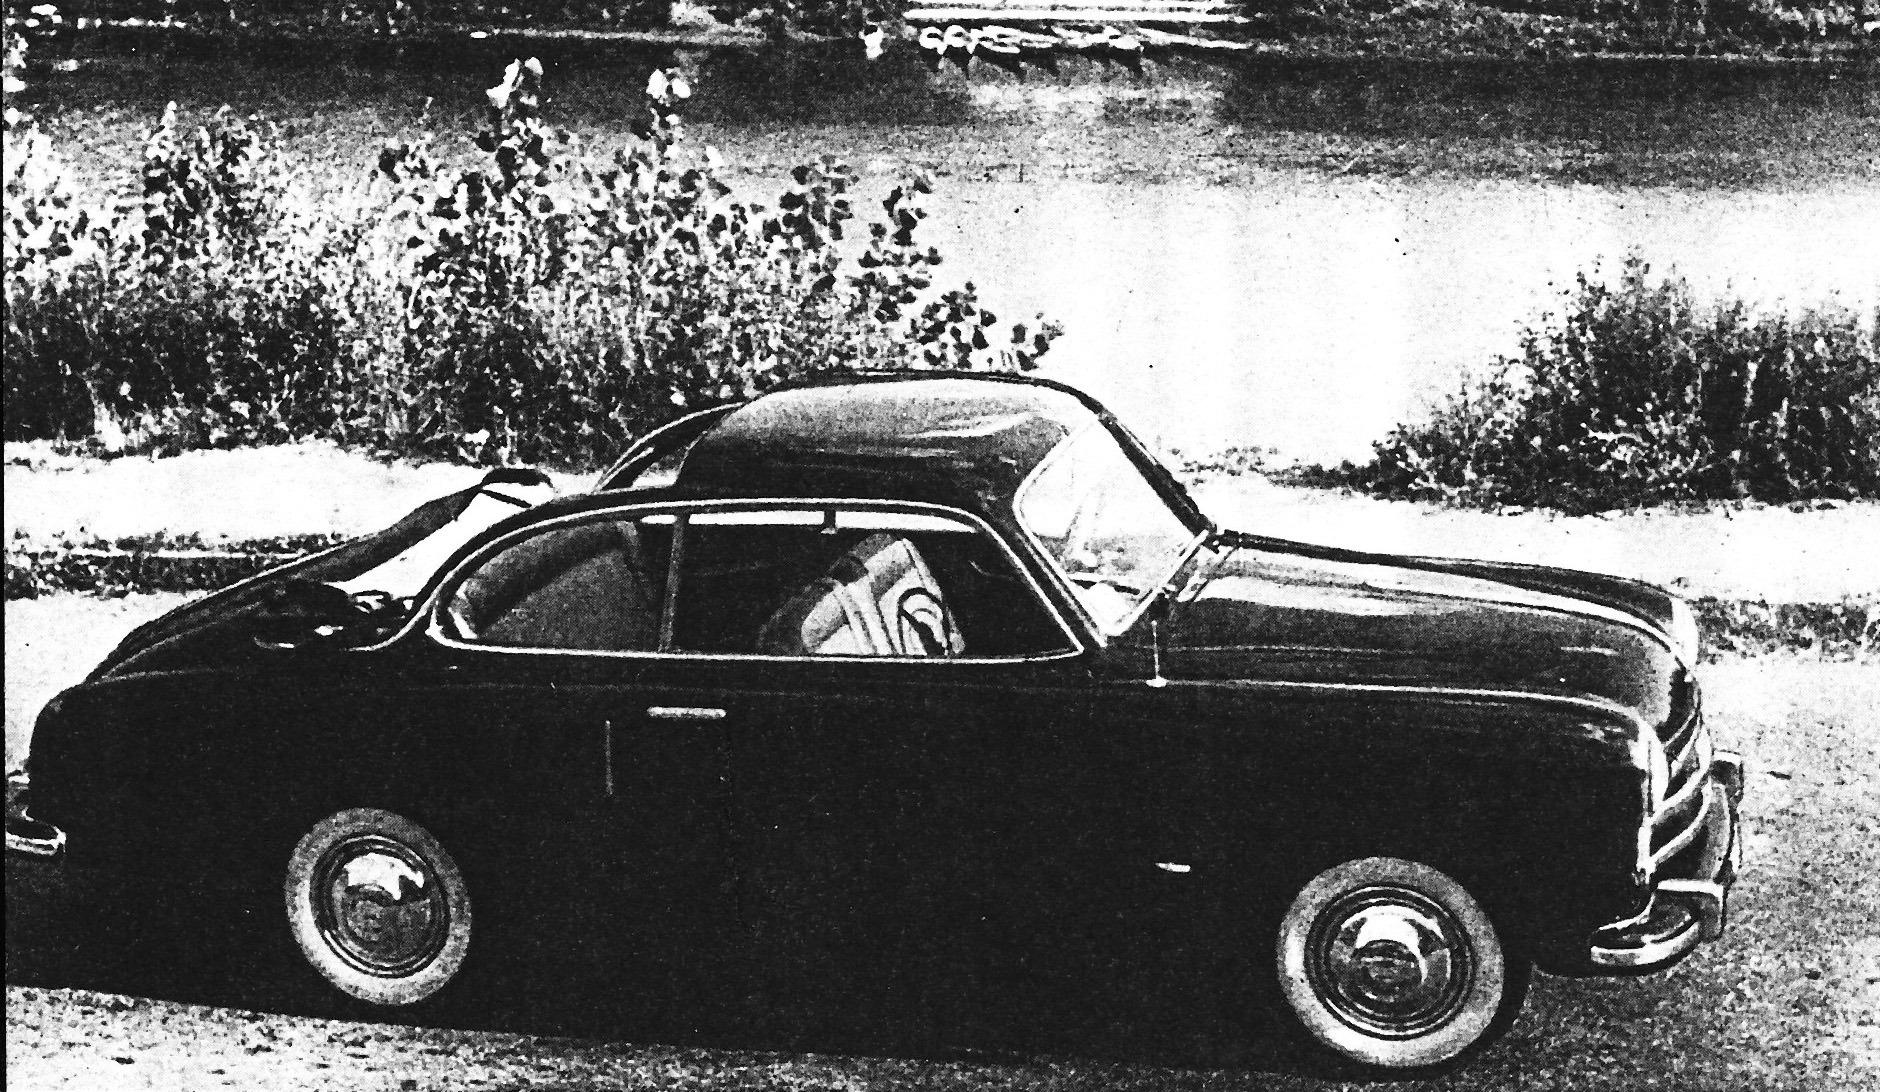 Pic-355.-Savio-landaulet-shown-in-the-Album-Della-Carrozzeria-Italiana-by-Motor-Italia.